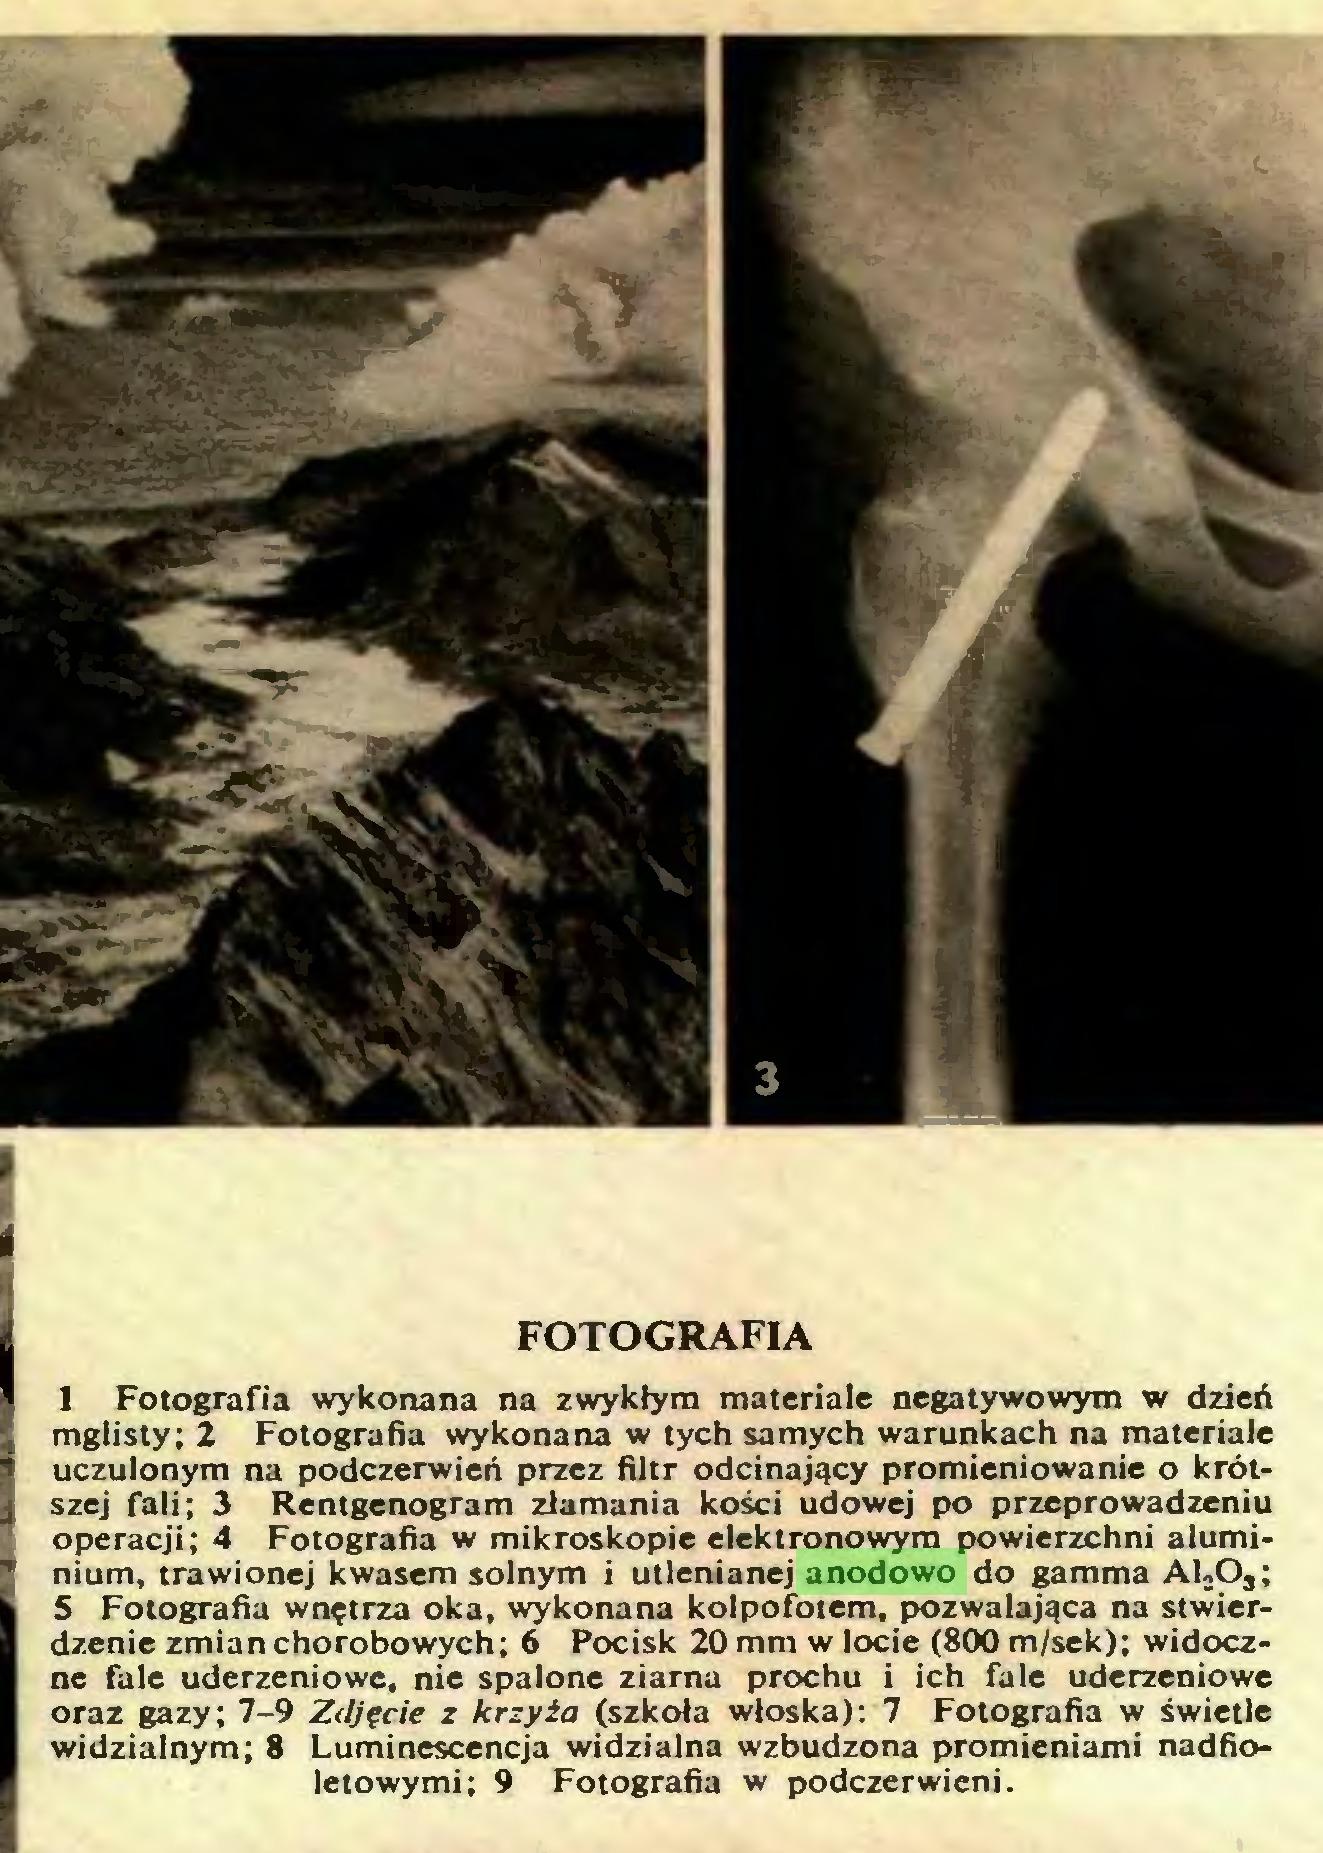 (...) FOTOGRAFIA 1 Fotografia wykonana na zwykłym materiale negatywowym w dzień mglisty; 2 Fotografia wykonana w tych samych warunkach na materiale uczulonym na podczerwień przez filtr odcinający promieniowanie o krótszej fali; 3 Rentgenogram złamania kości udowej po przeprowadzeniu operacji; 4 Fotografia w mikroskopie elektronowym powierzchni aluminium, trawionej kwasem solnym i utlenianej anodowo do gamma Al-O,; 5 Fotografia wnętrza oka, wykonana kolpofotem, pozwalająca na stwierdzenie zmian chorobowych; 6 Pocisk 20 mm w locie (800 m/sek); widoczne fale uderzeniowe, nie spalone ziarna prochu i ich fale uderzeniowe oraz gazy; 7-9 Zdjęcie z krzyża (szkoła włoska): 7 Fotografia w świetle widzialnym; 8 Luminescencja widzialna wzbudzona promieniami nadfioletowymi; 9 Fotografia w podczerwieni. FOTOGRAFIA...